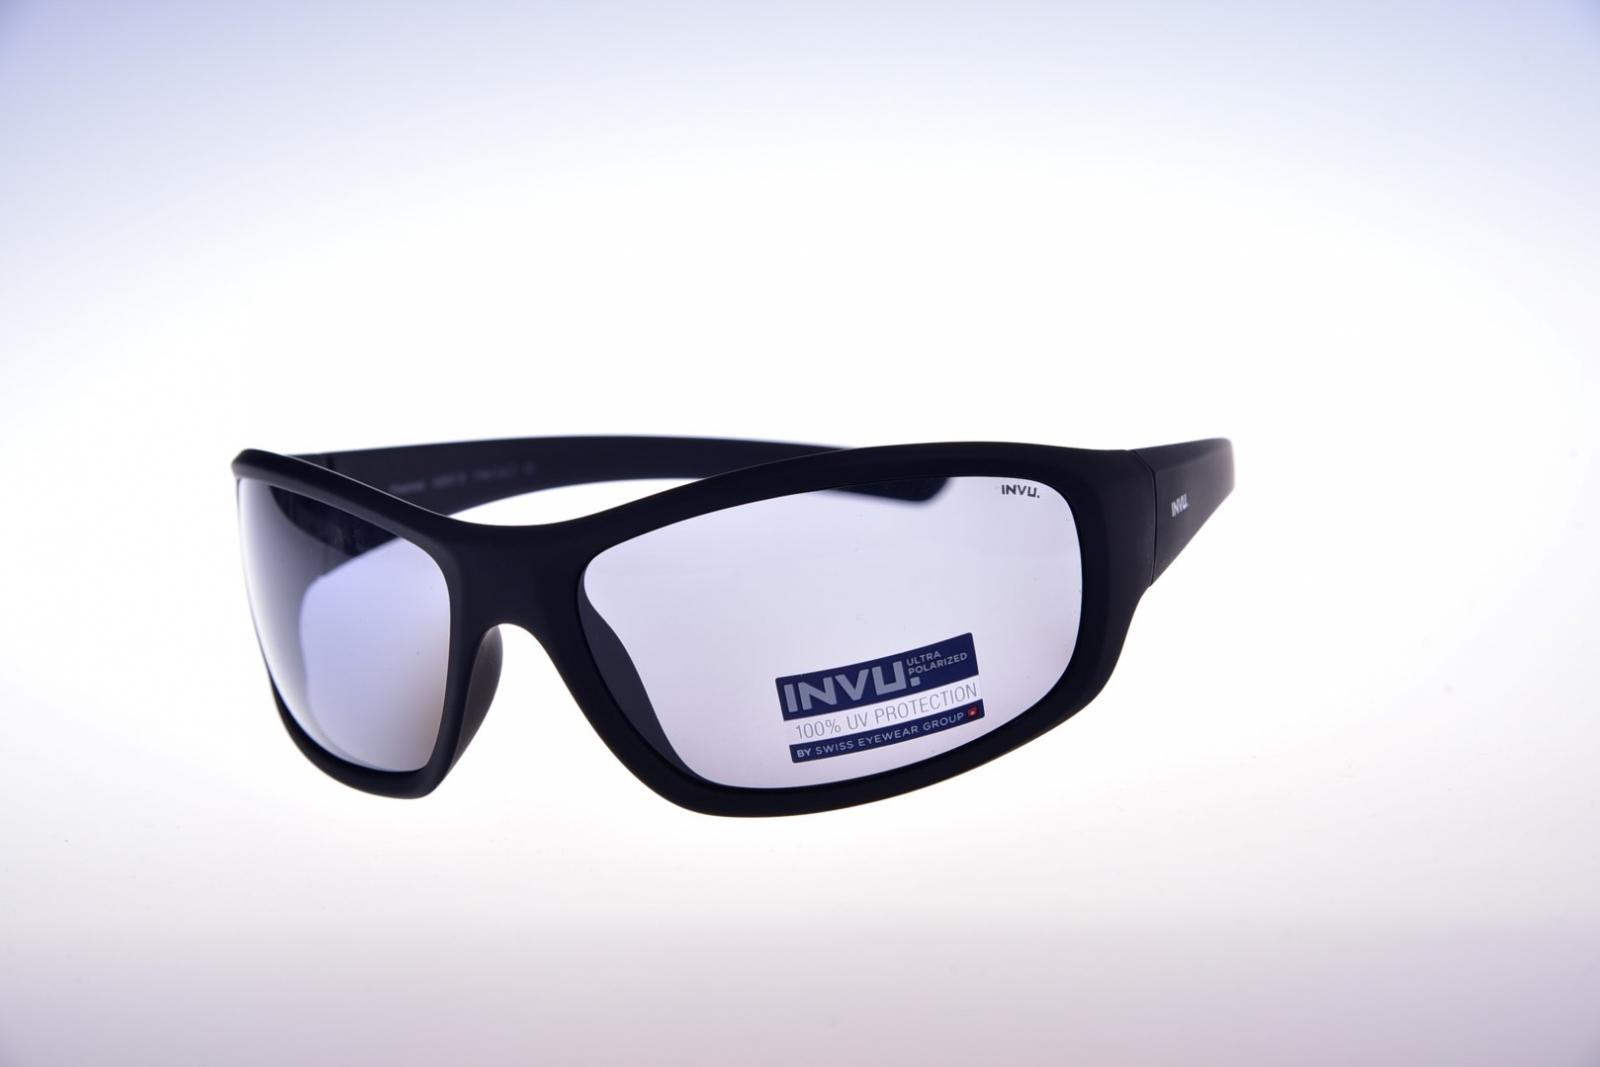 INVU. Active A2501B - Pánske slnečné okuliare